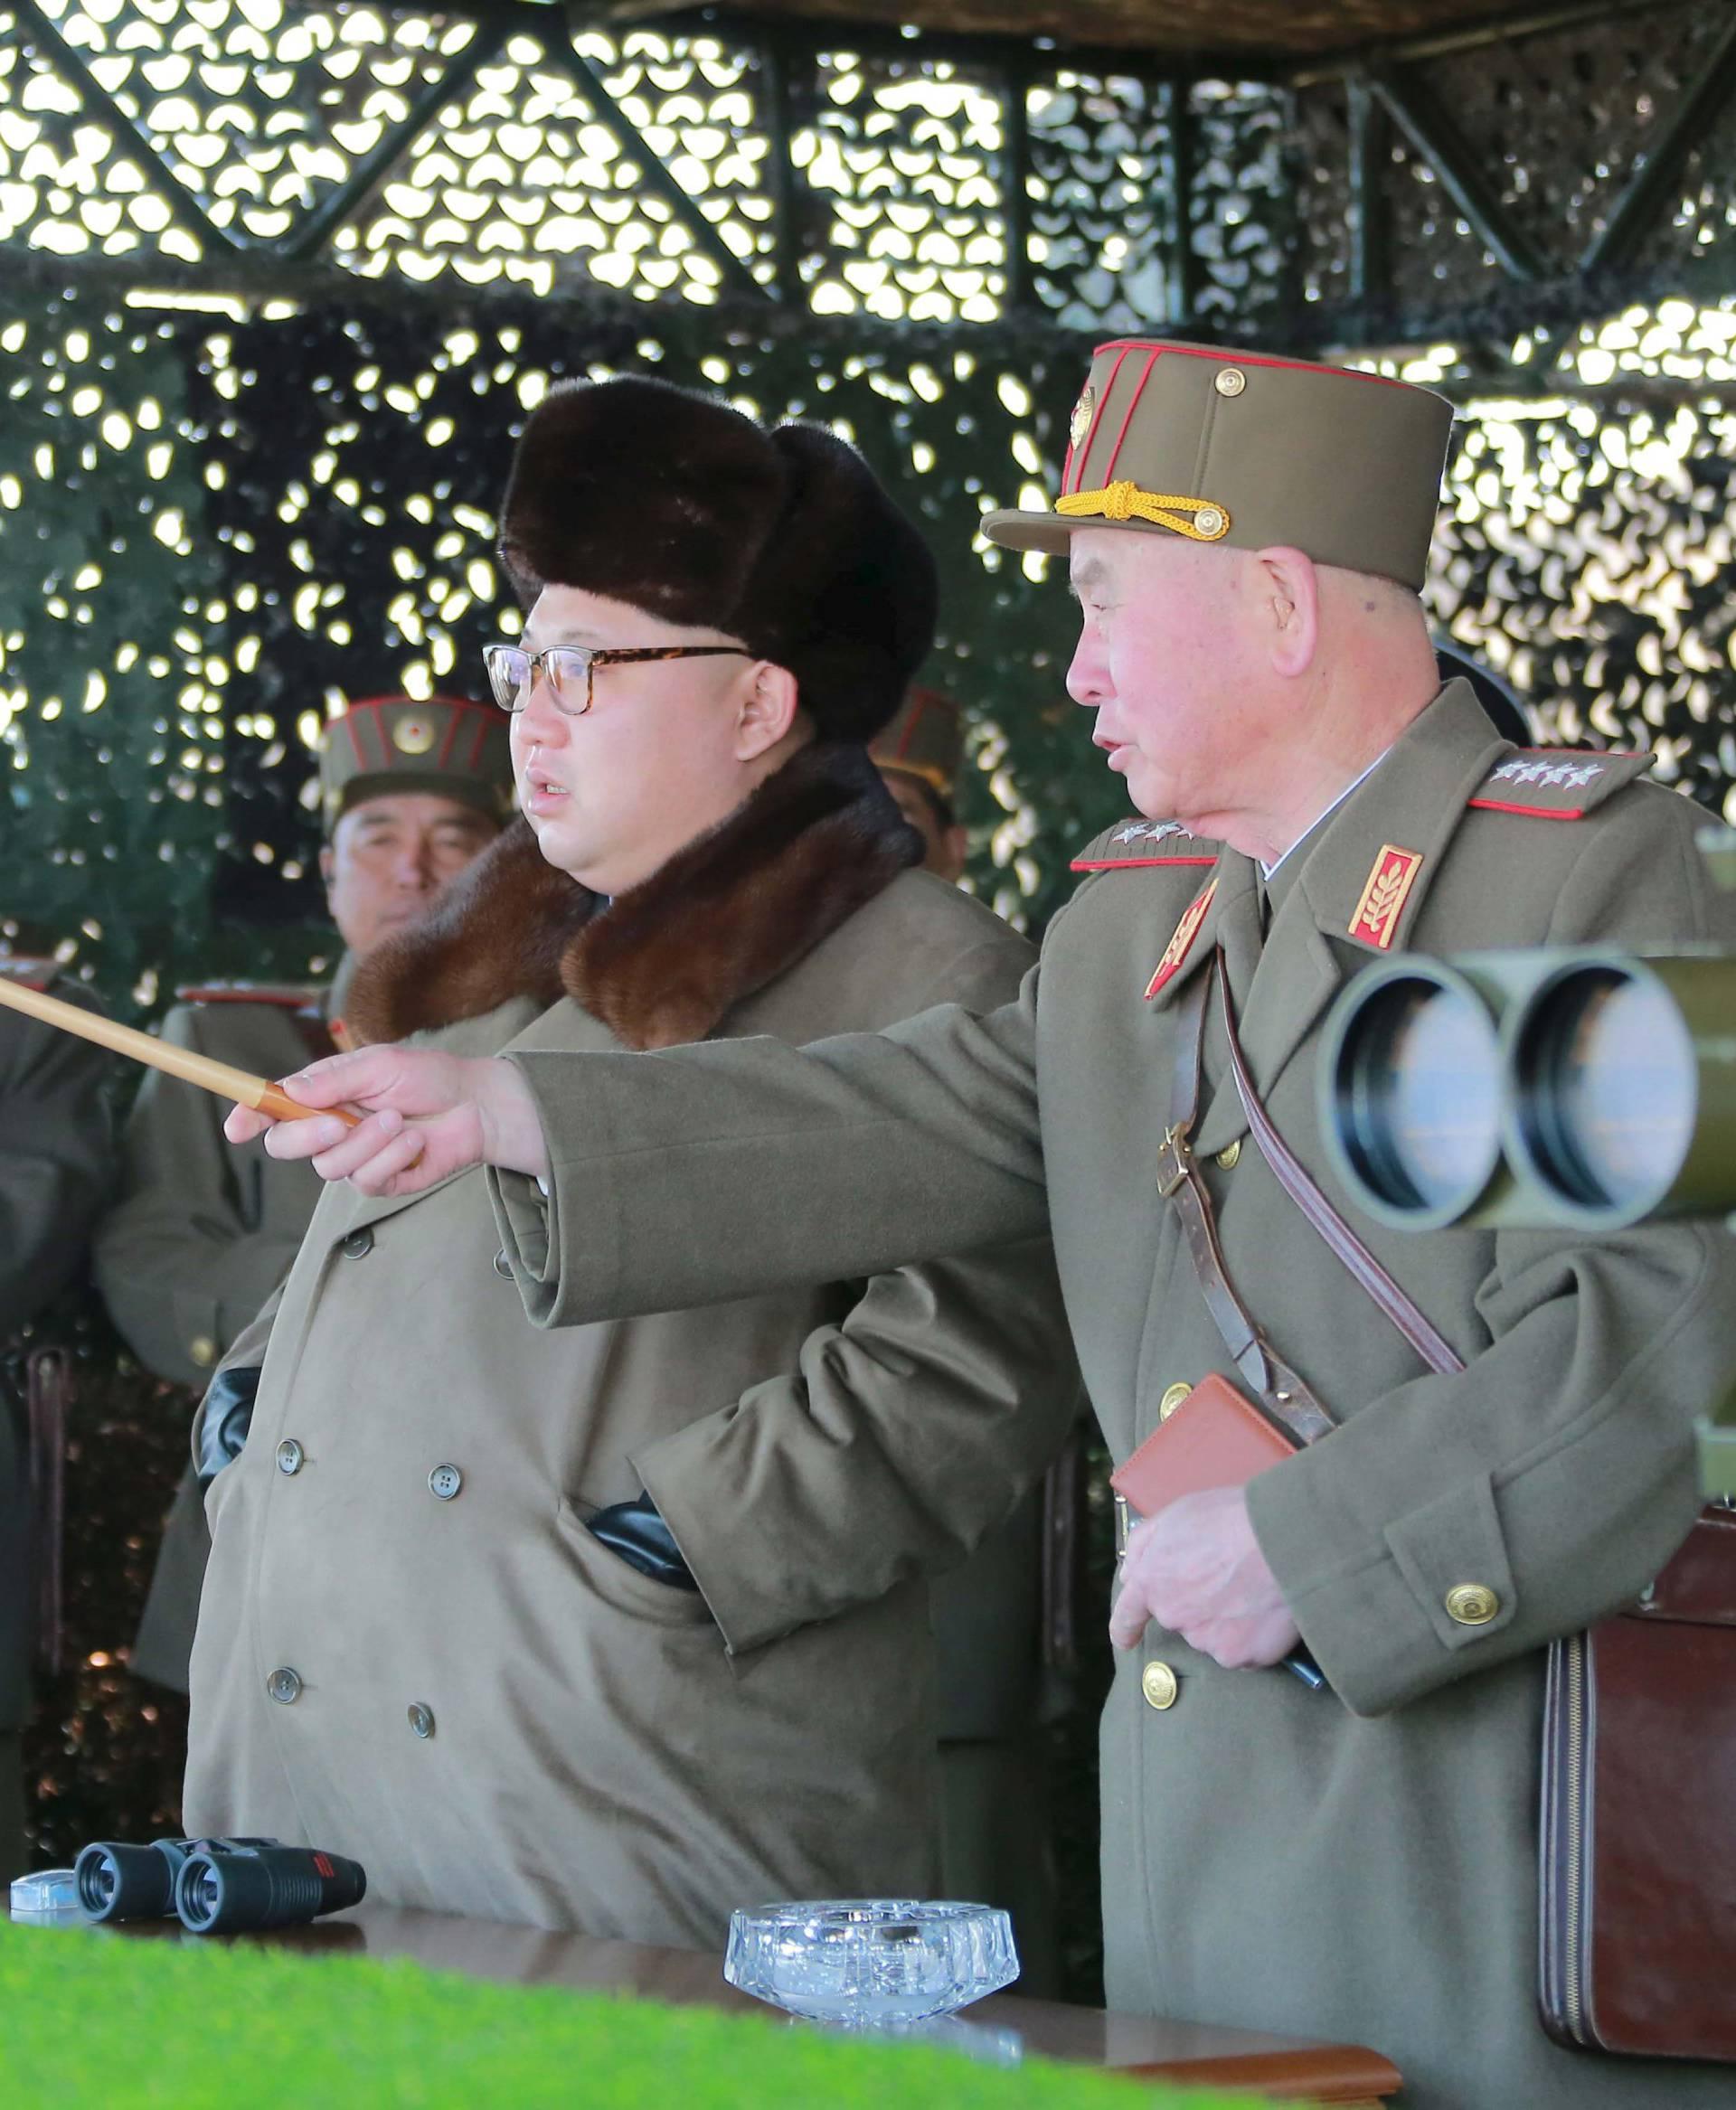 Kim Jong-un počeo psihološki rat ili šalje poruke špijunima?